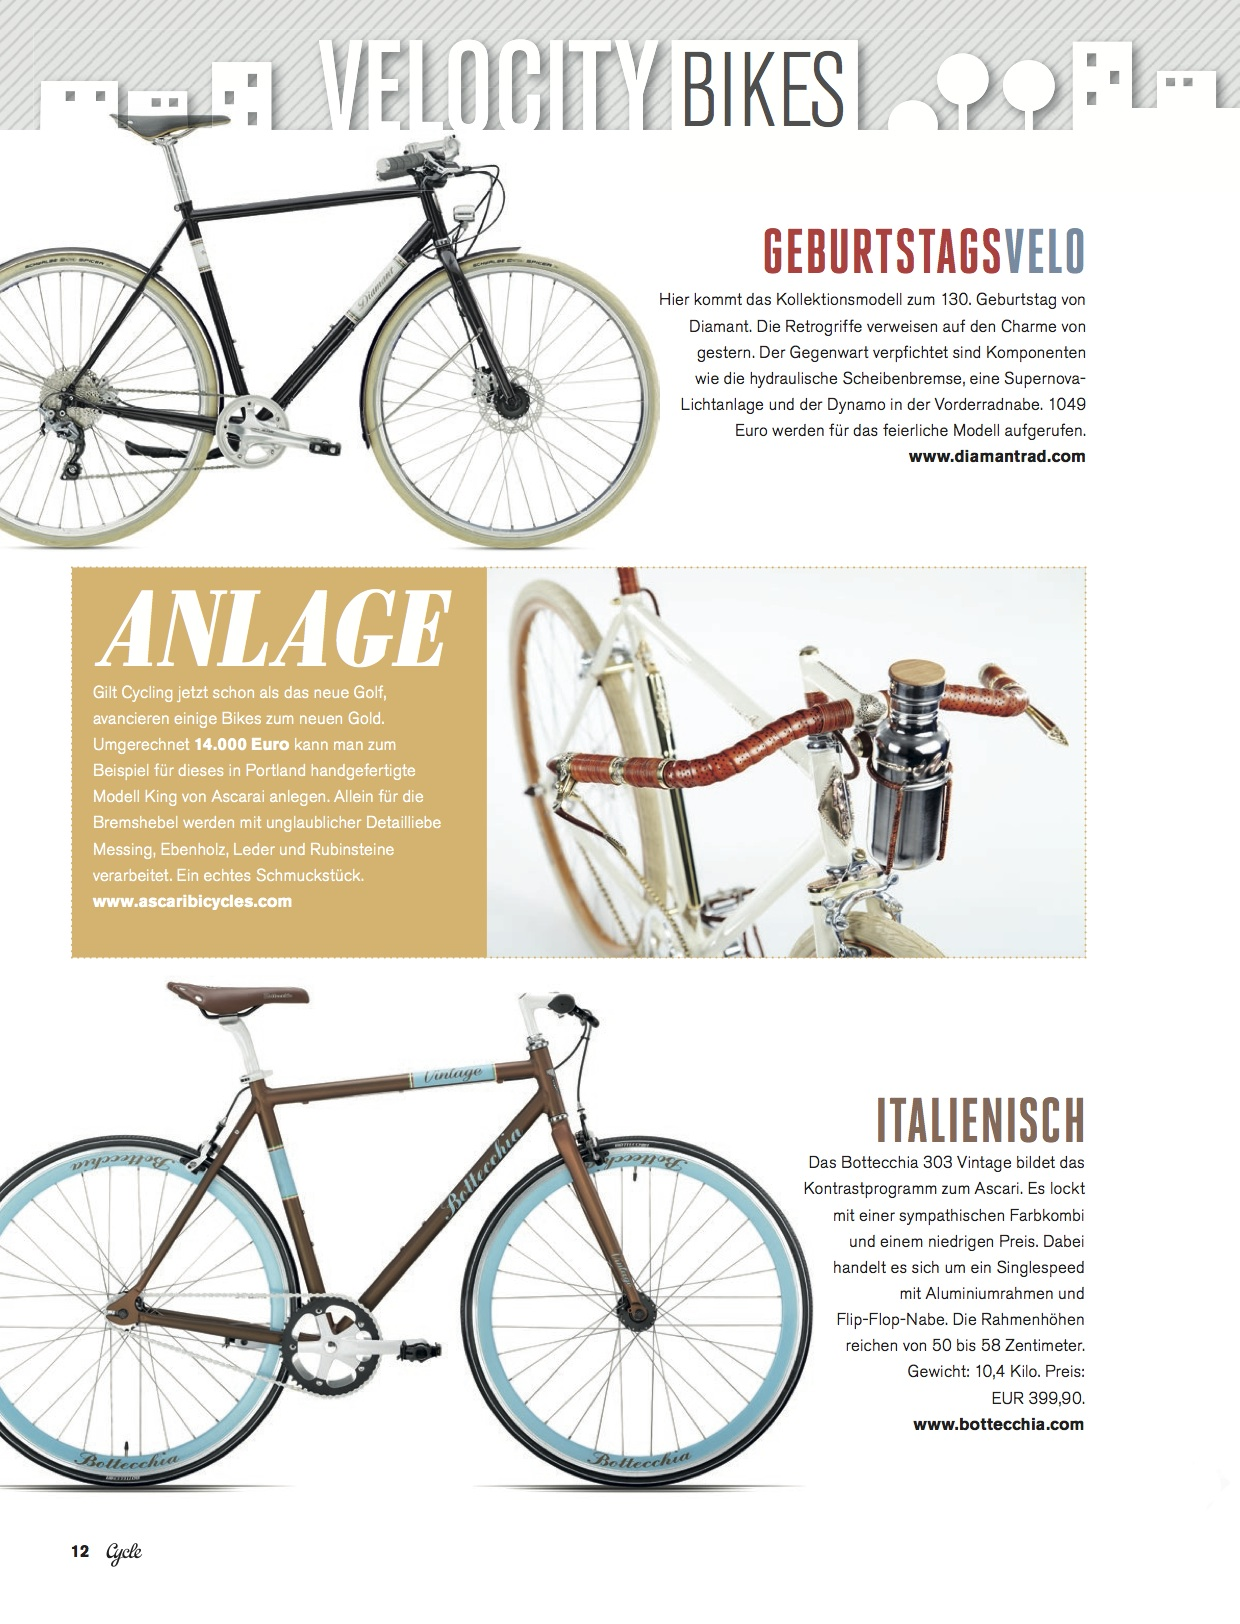 010-015_Velocity_Bikes-3.jpg